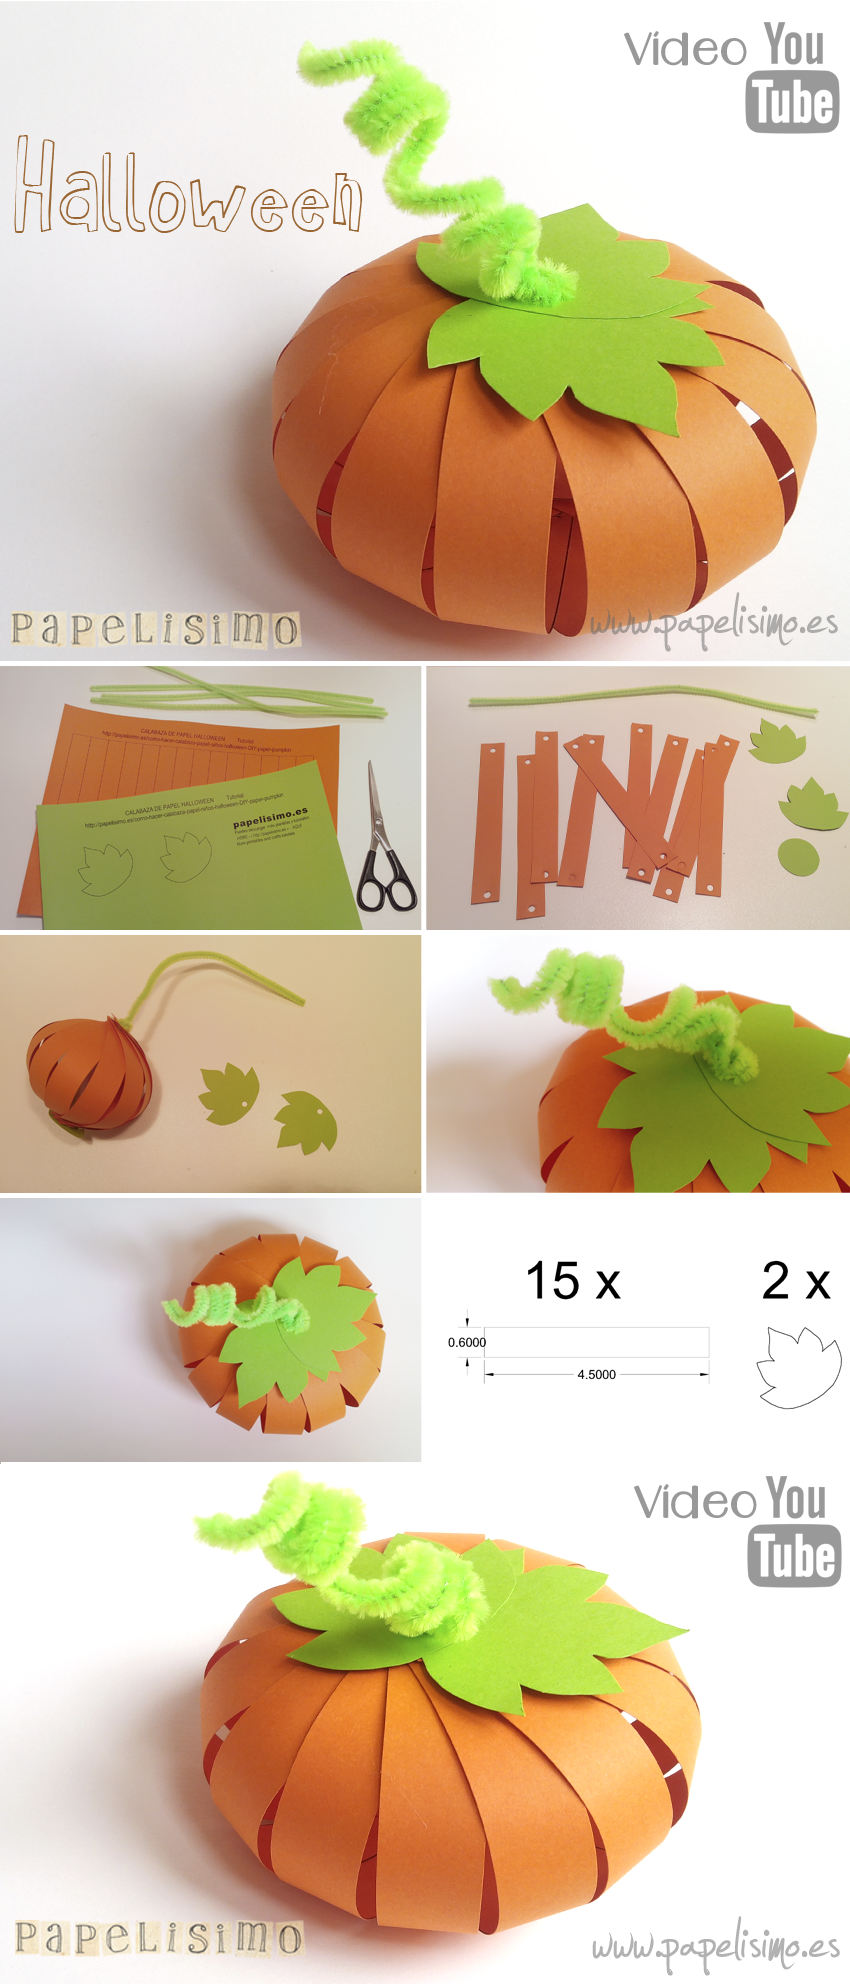 Calabaza de papel halloween papelisimo - Manualidades navidenas faciles para ninos ...